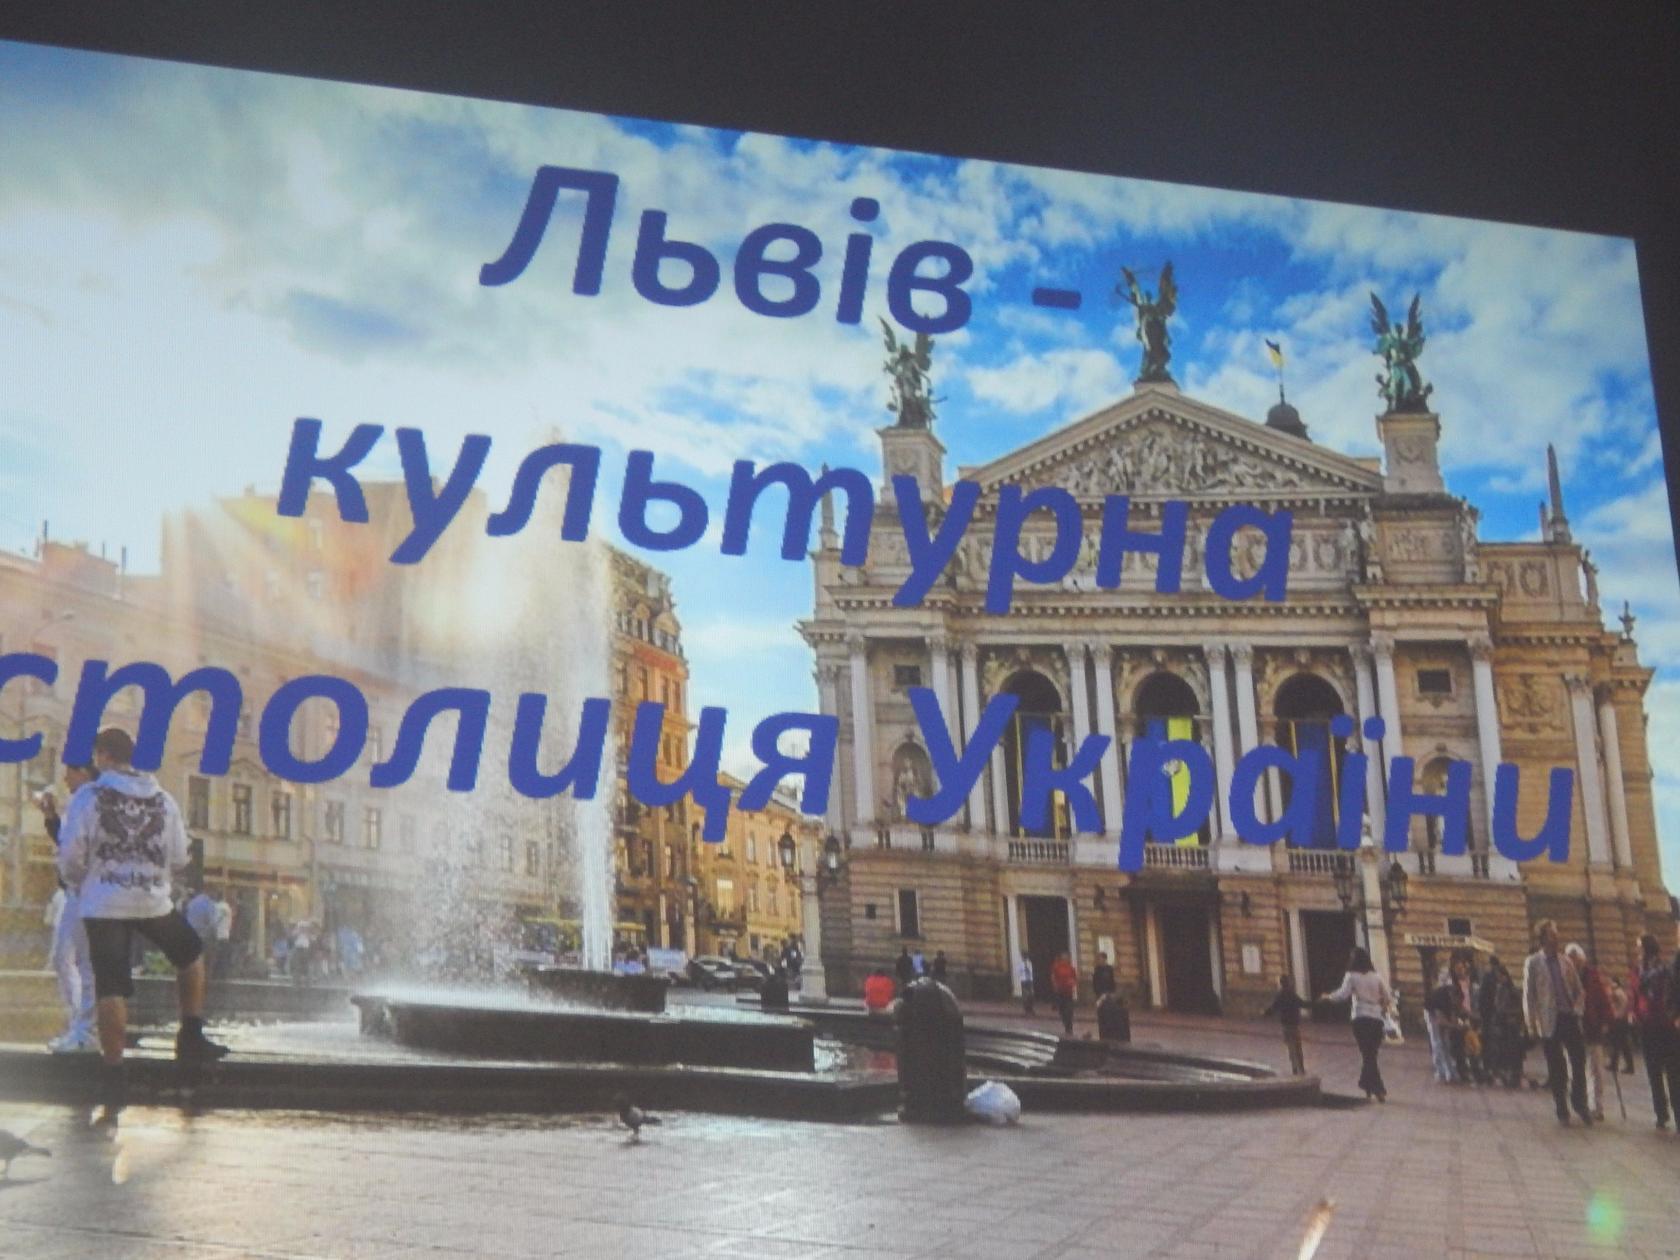 image_(1)